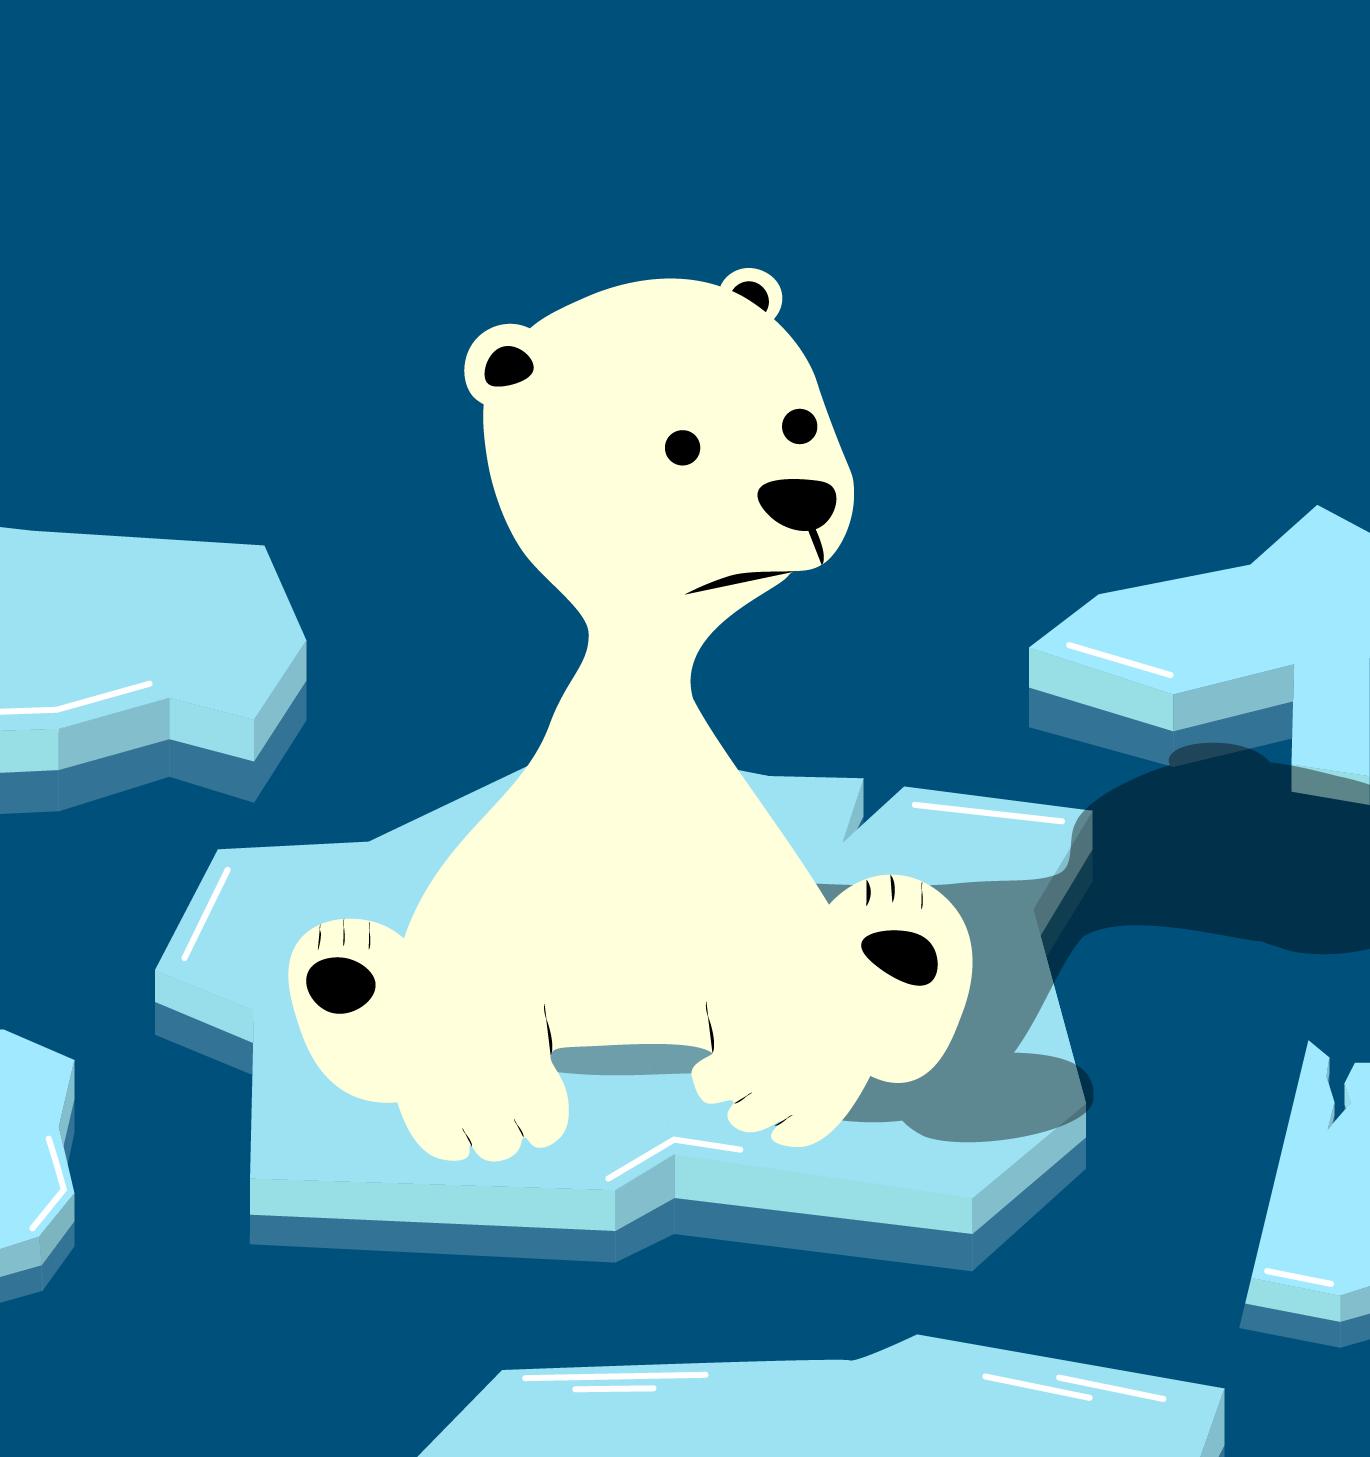 Illustrasjon av trist isbjørn